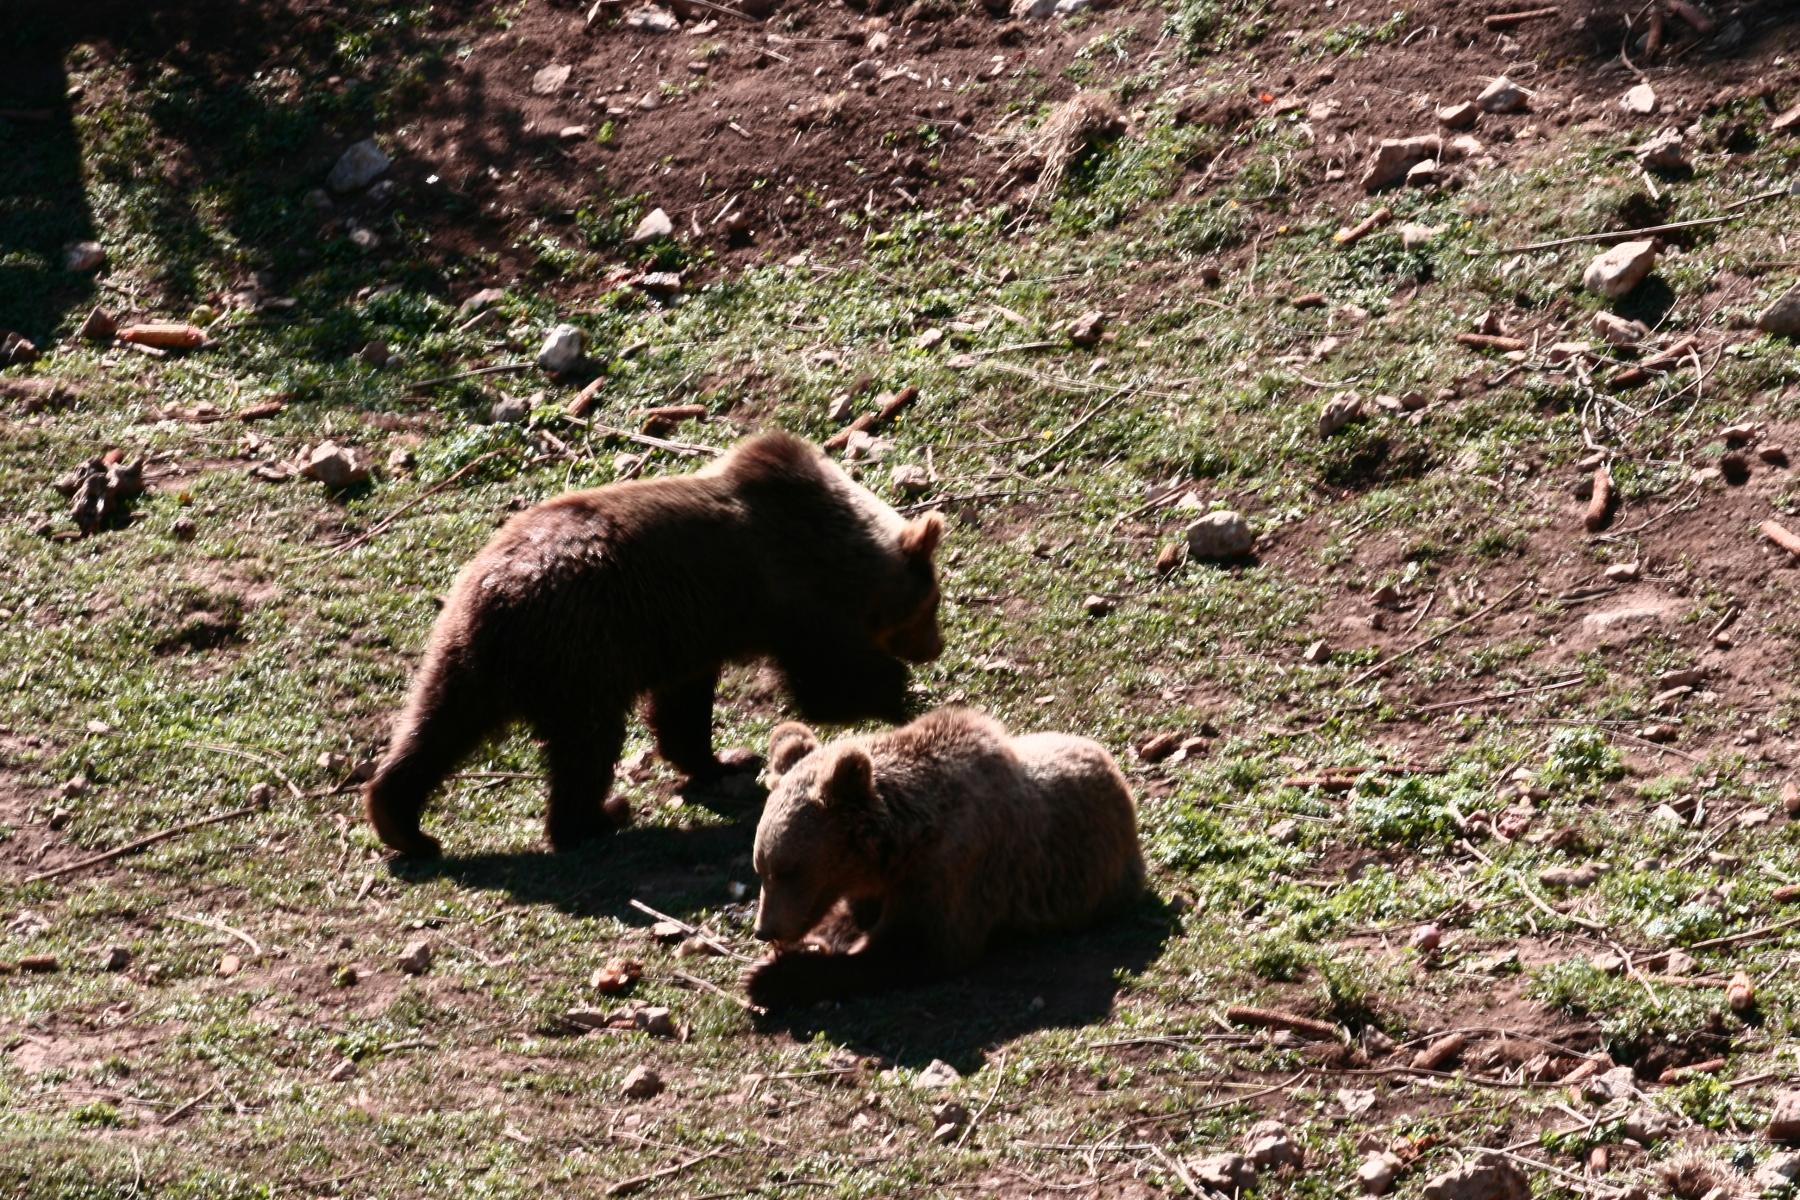 8-Bären-7